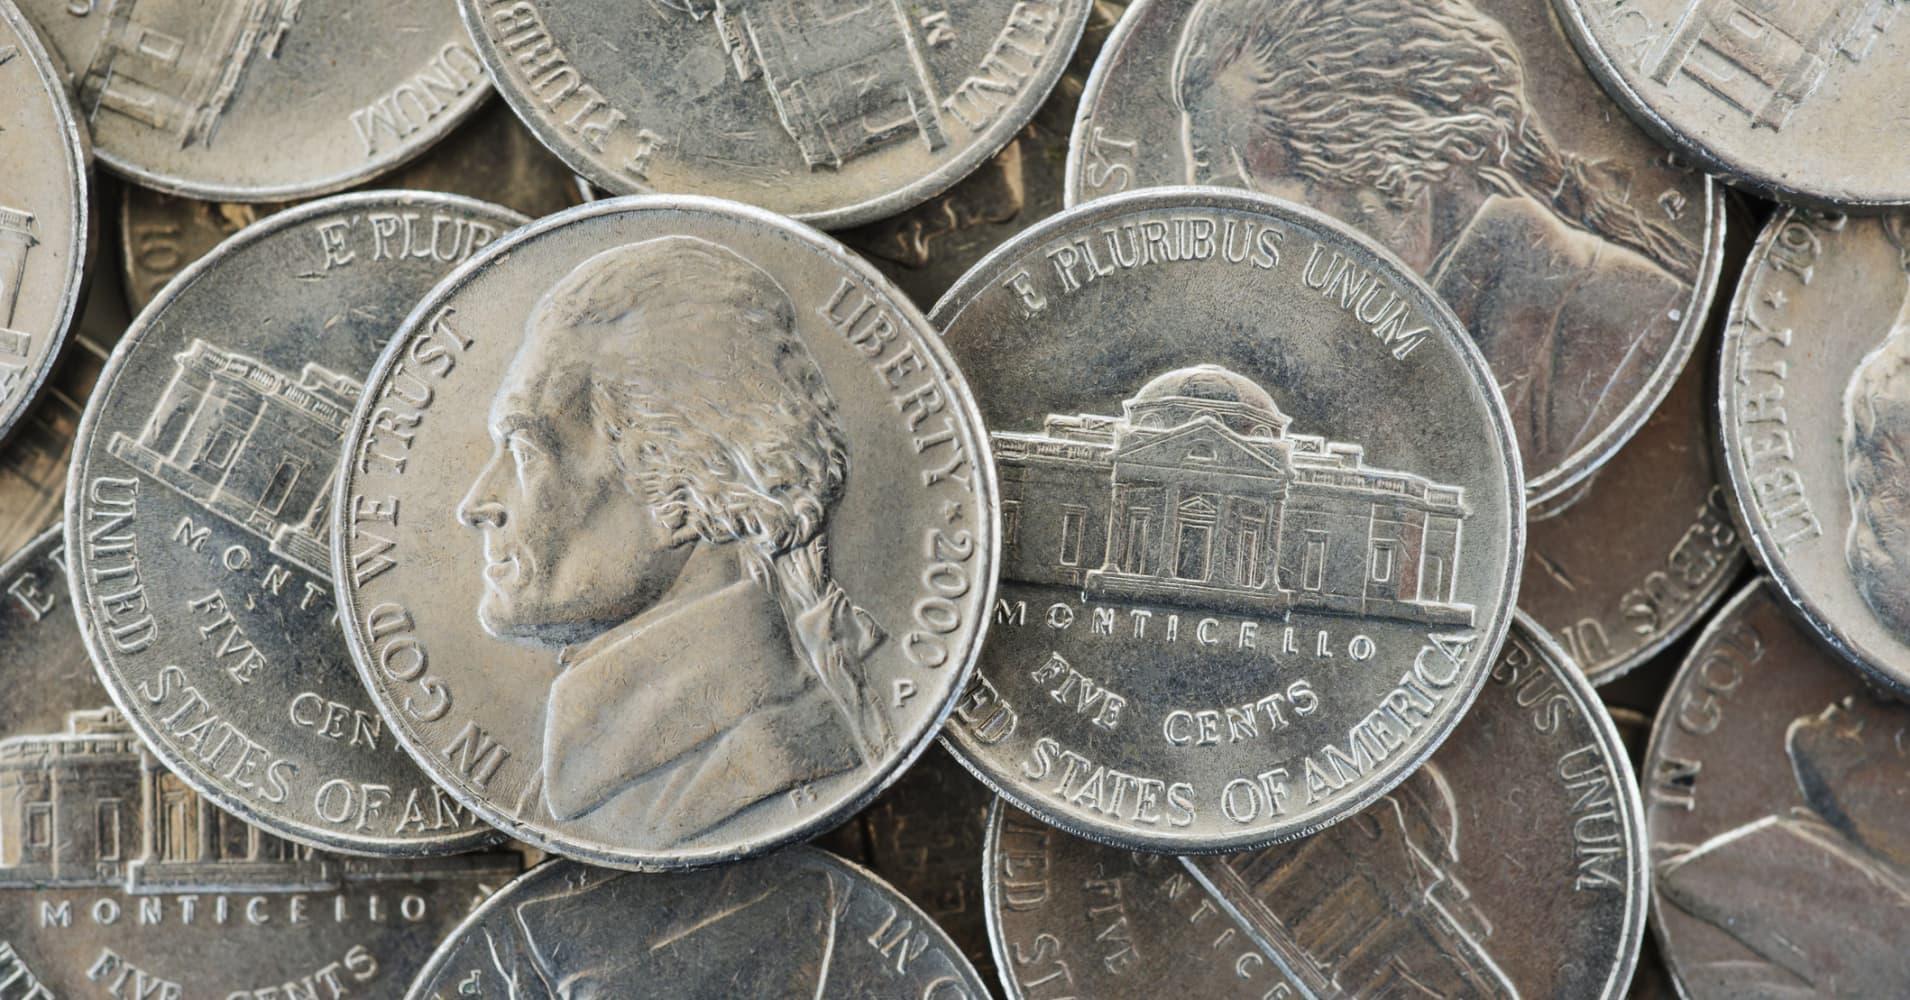 Start trading penny stocks online